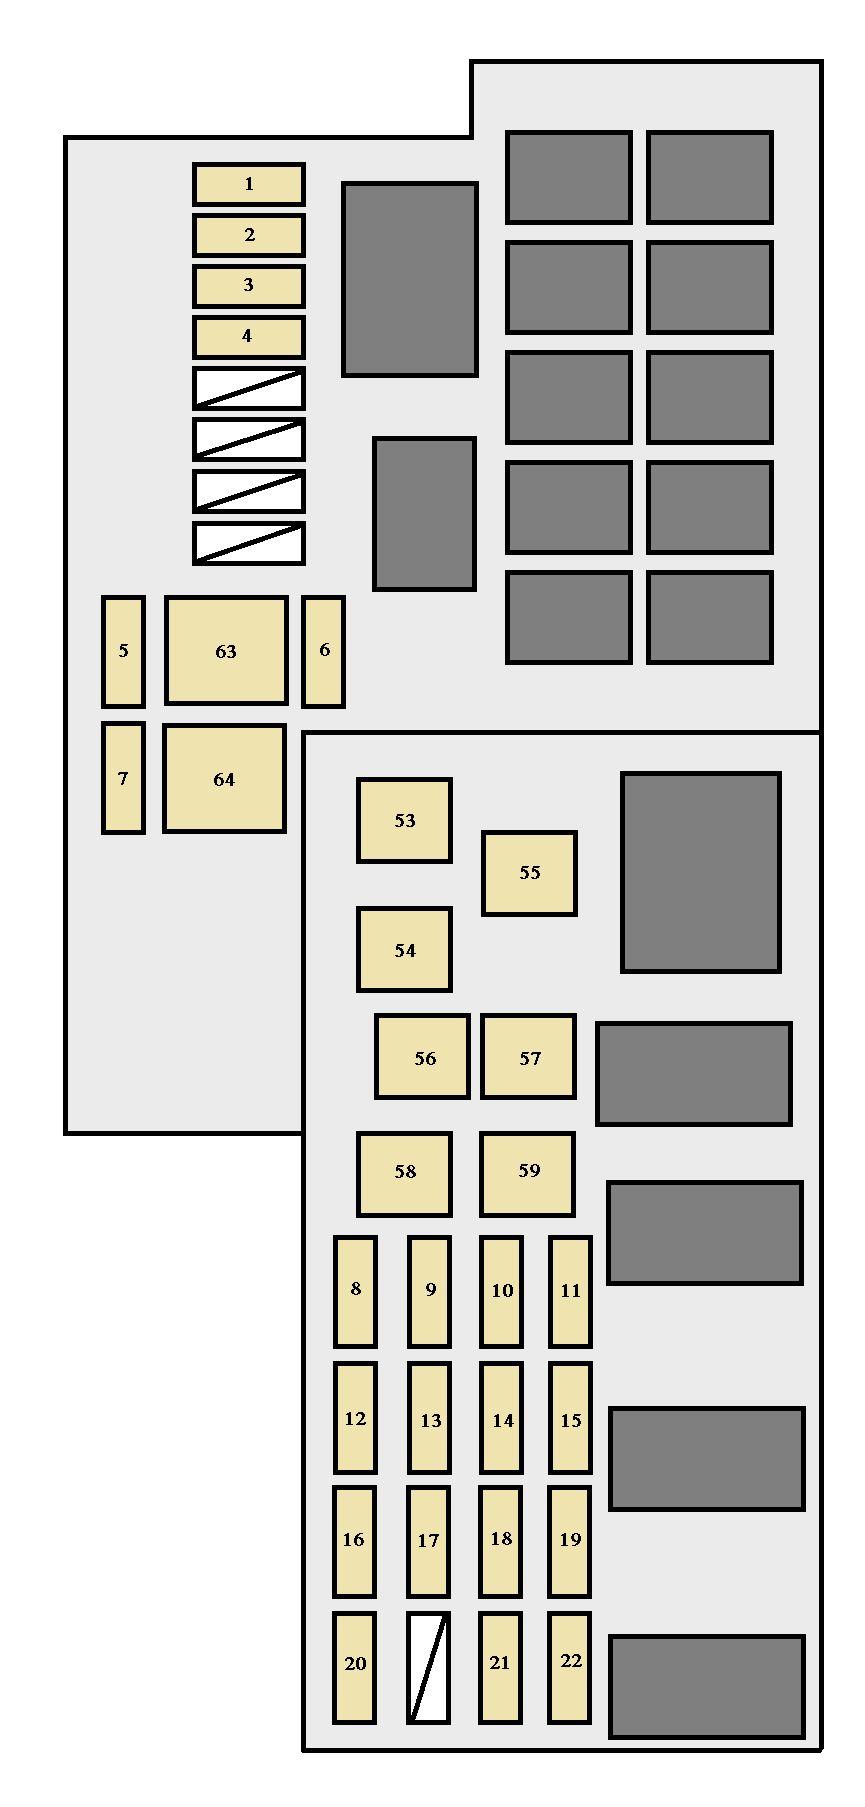 2003 Toyota Corolla Interior Fuse Box Diagram